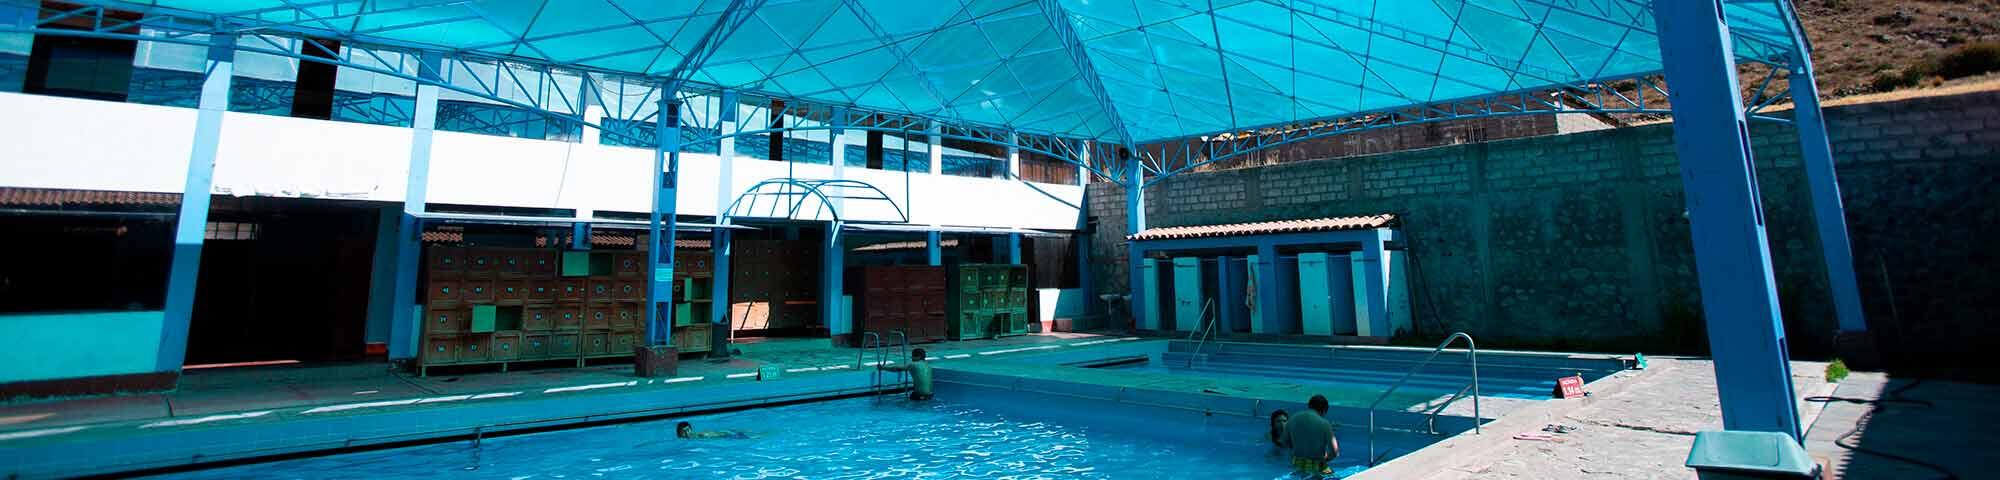 Baños termales de Luicho (Huaynacotas)